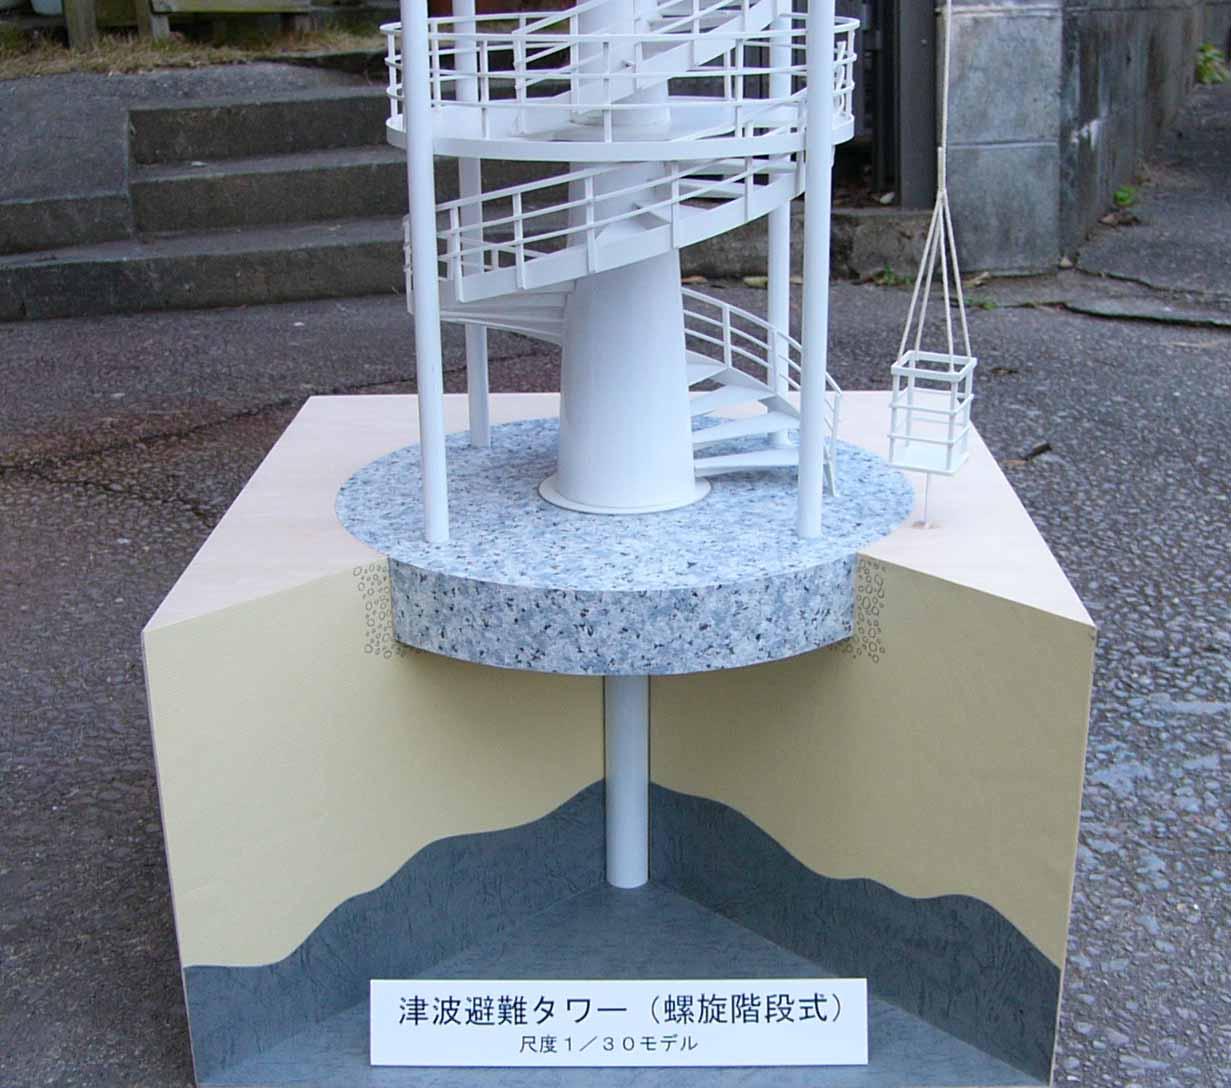 大津波に対して避難場所の確保その4_e0146402_20343994.jpg